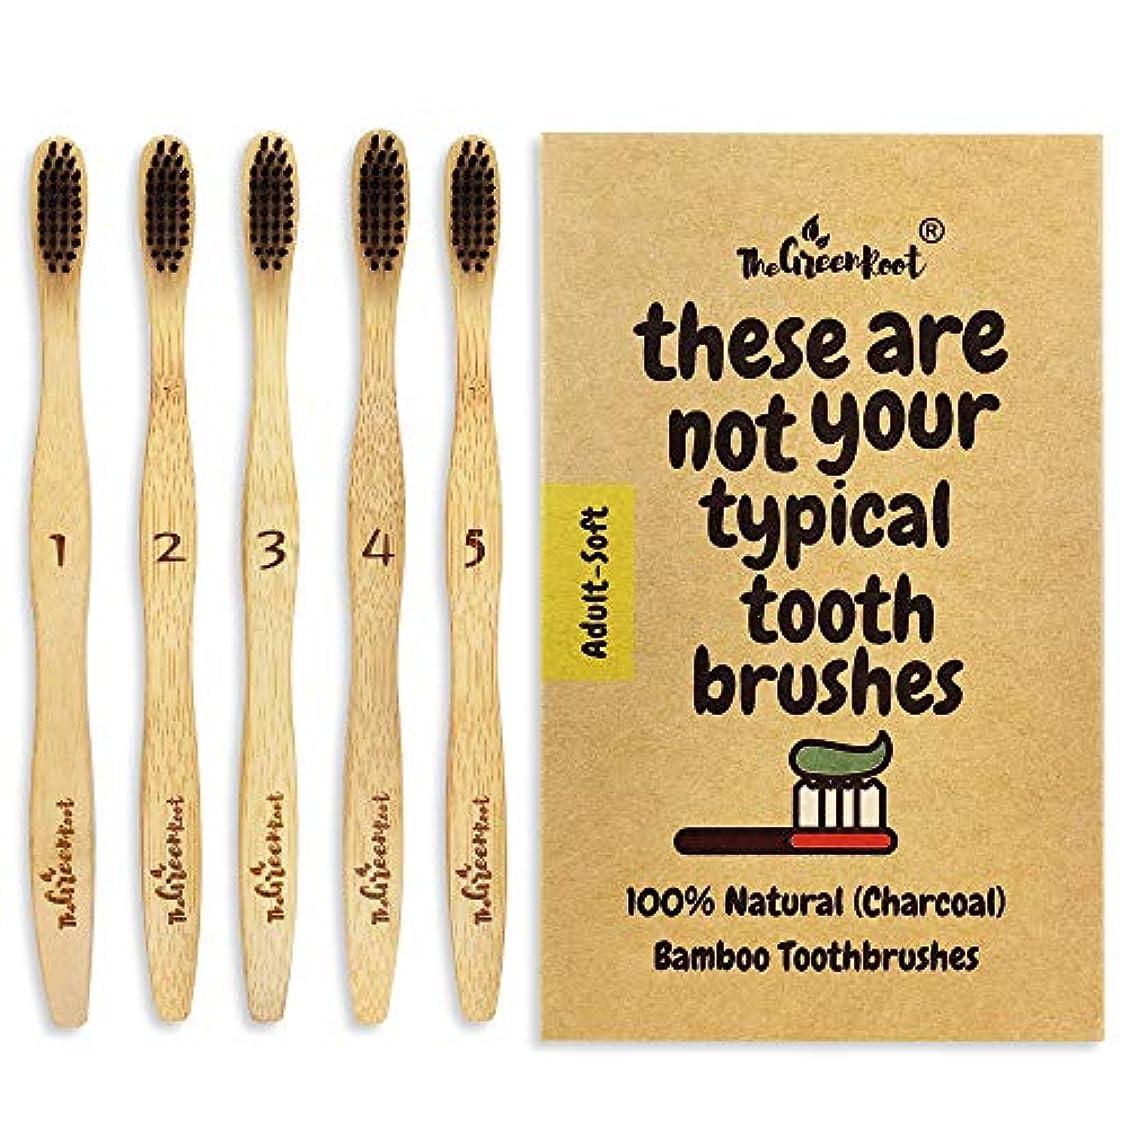 リビジョン助けてトーナメントNatural Charcoal Bamboo Toothbrushes (Pack of 5) for Adults with Soft Bio-Based Nylon Bristles - Individually...